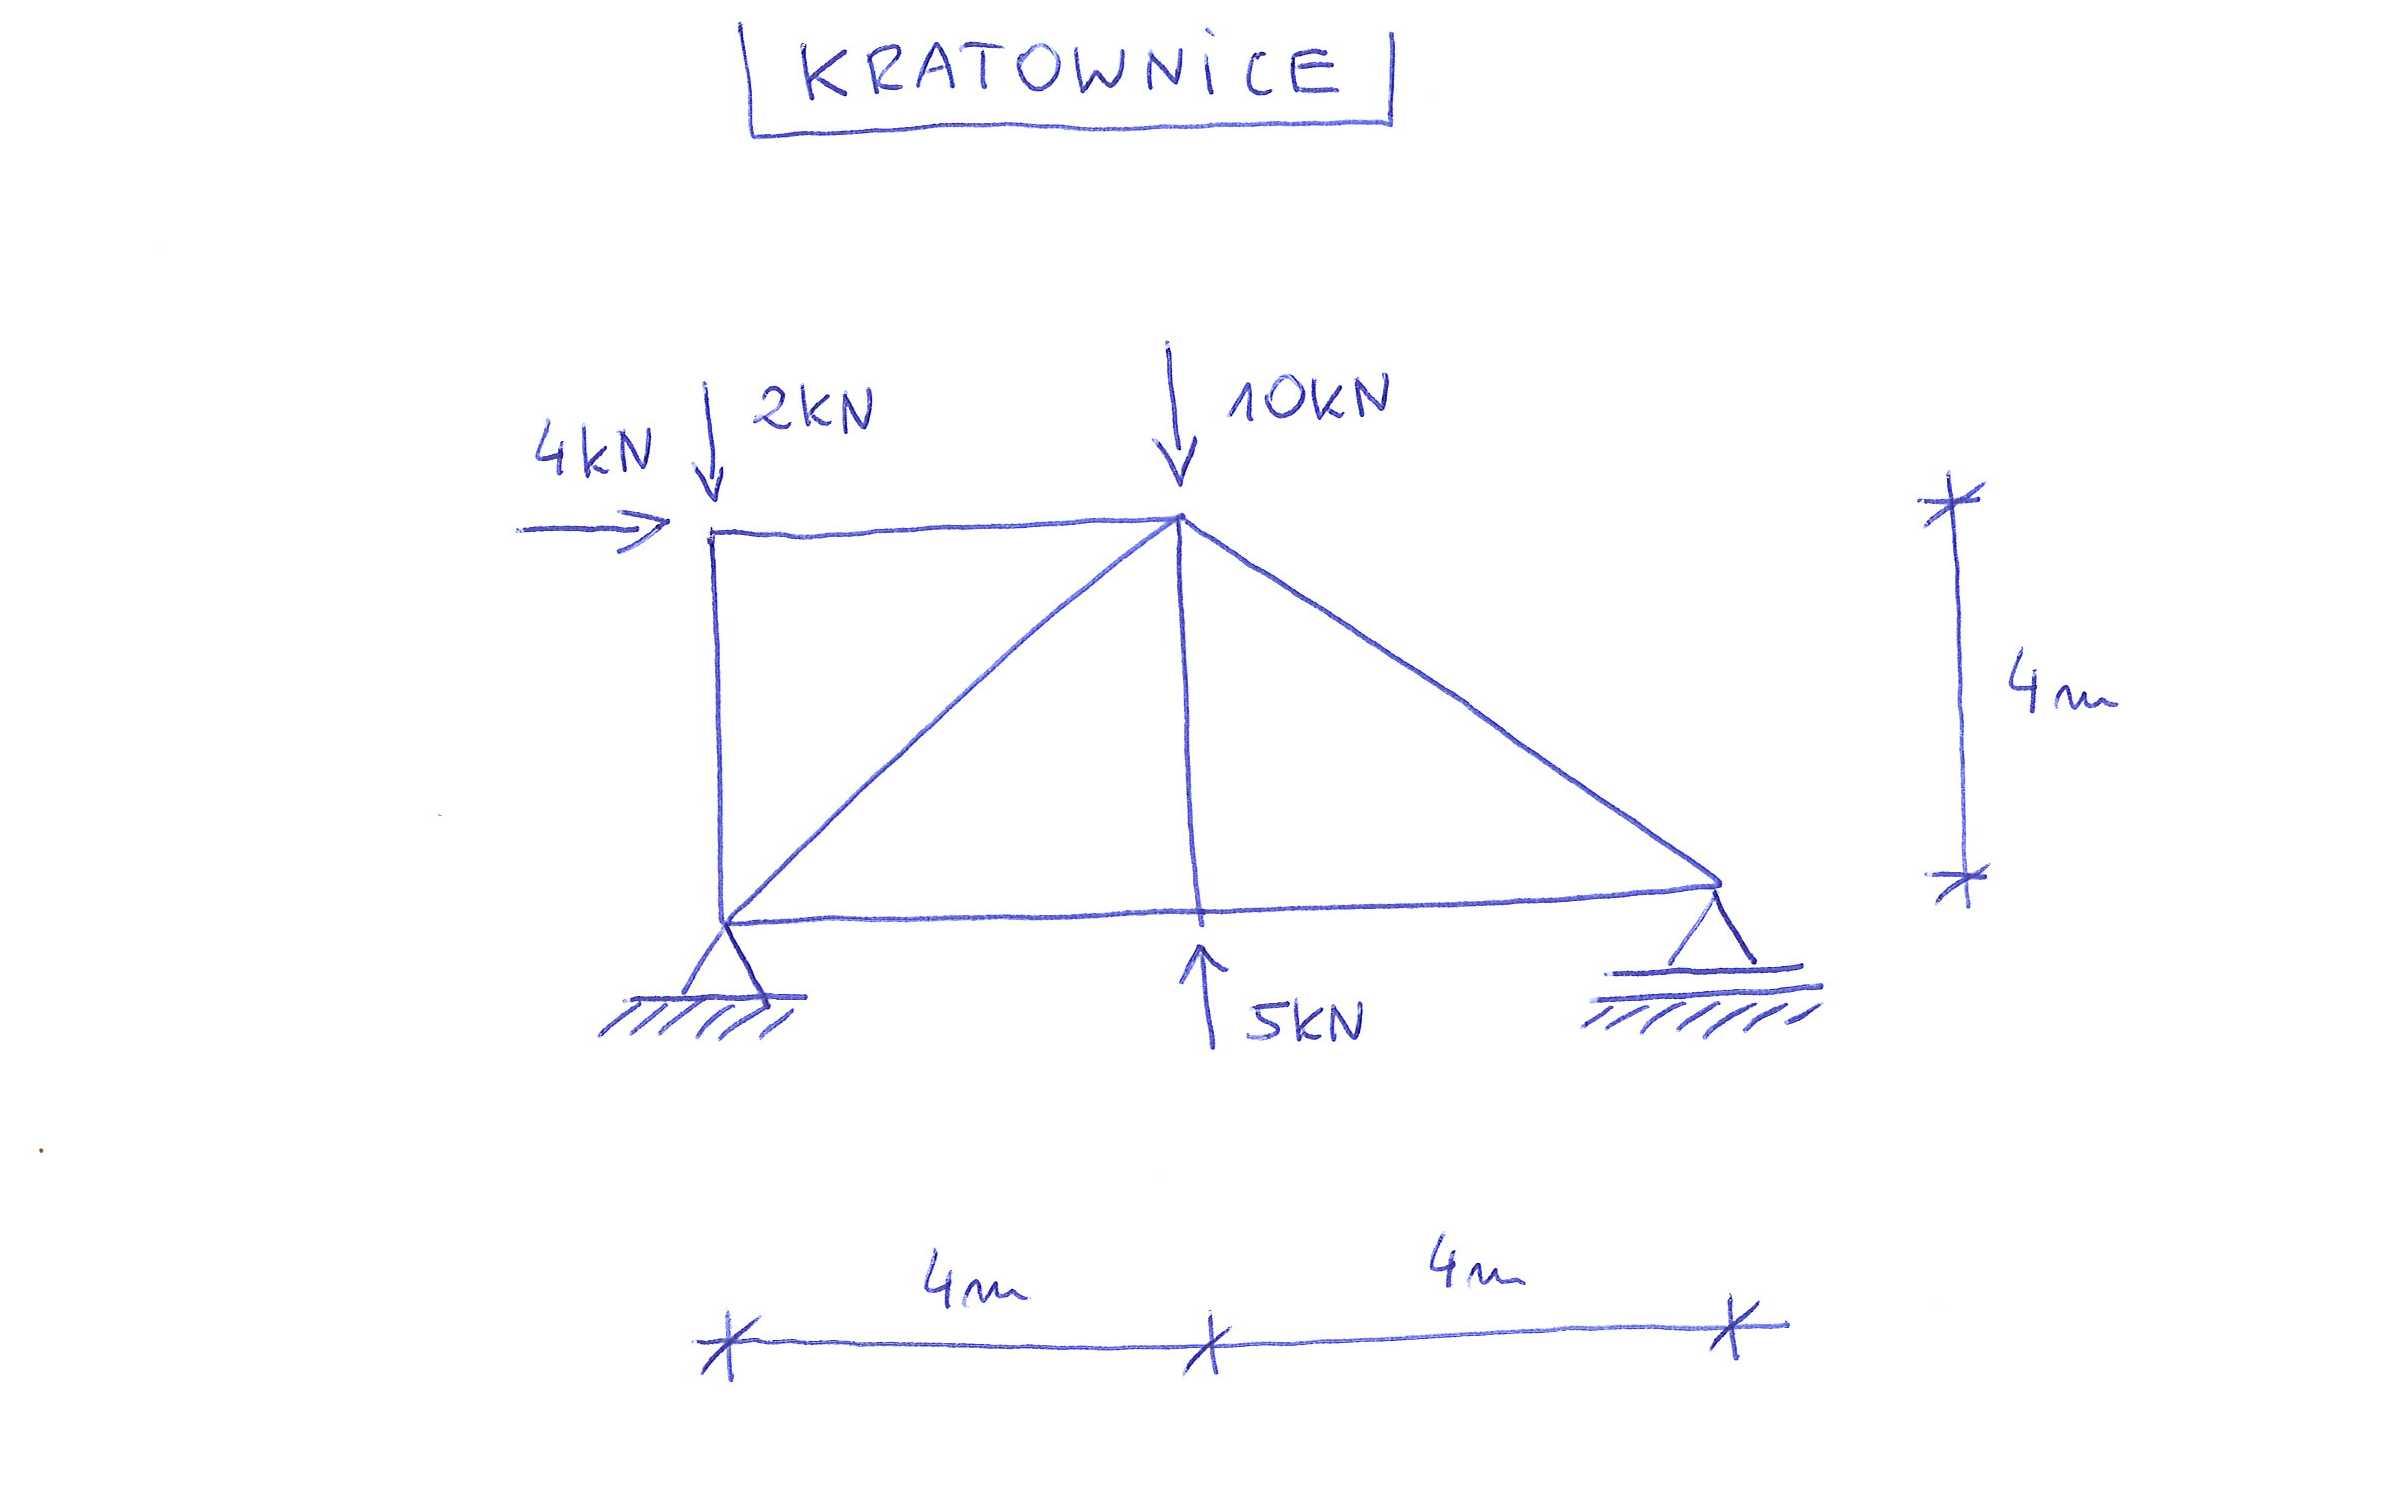 kratownica siły w prętach metoda równoważenia węzłów Rittera